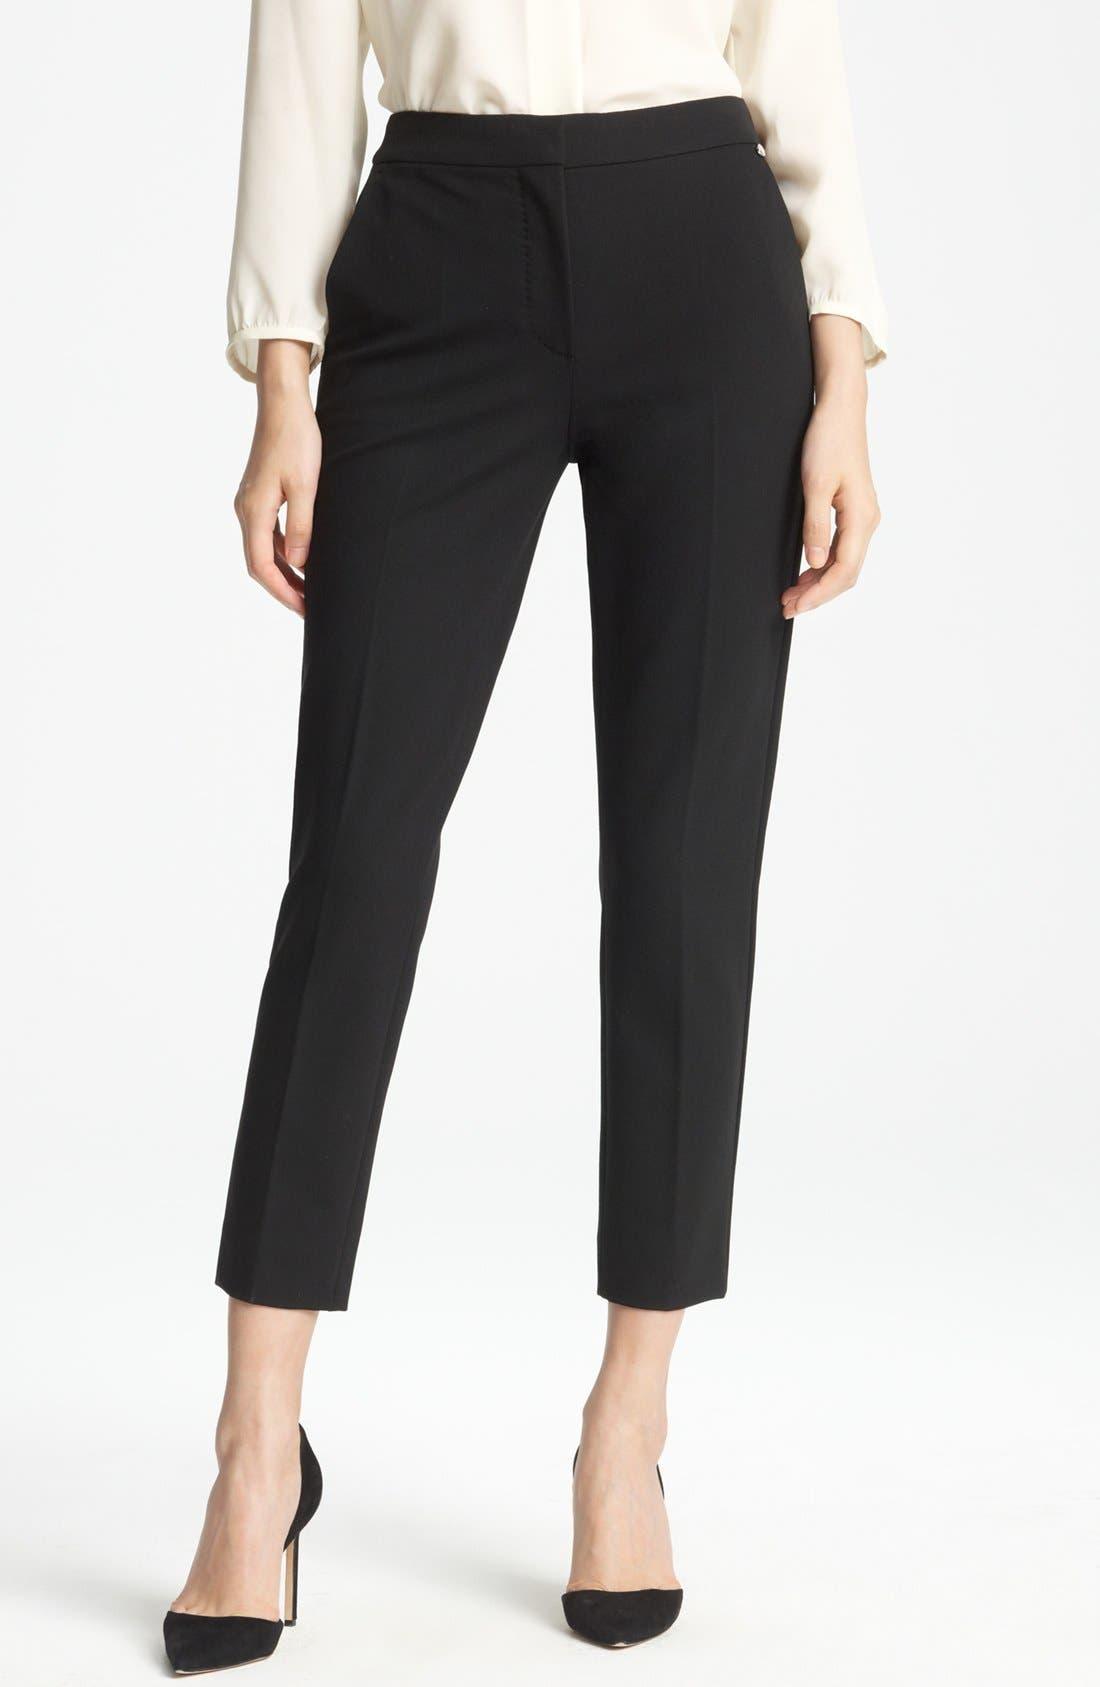 Alternate Image 1 Selected - Max Mara 'Pegno' Slim Jersey Pants